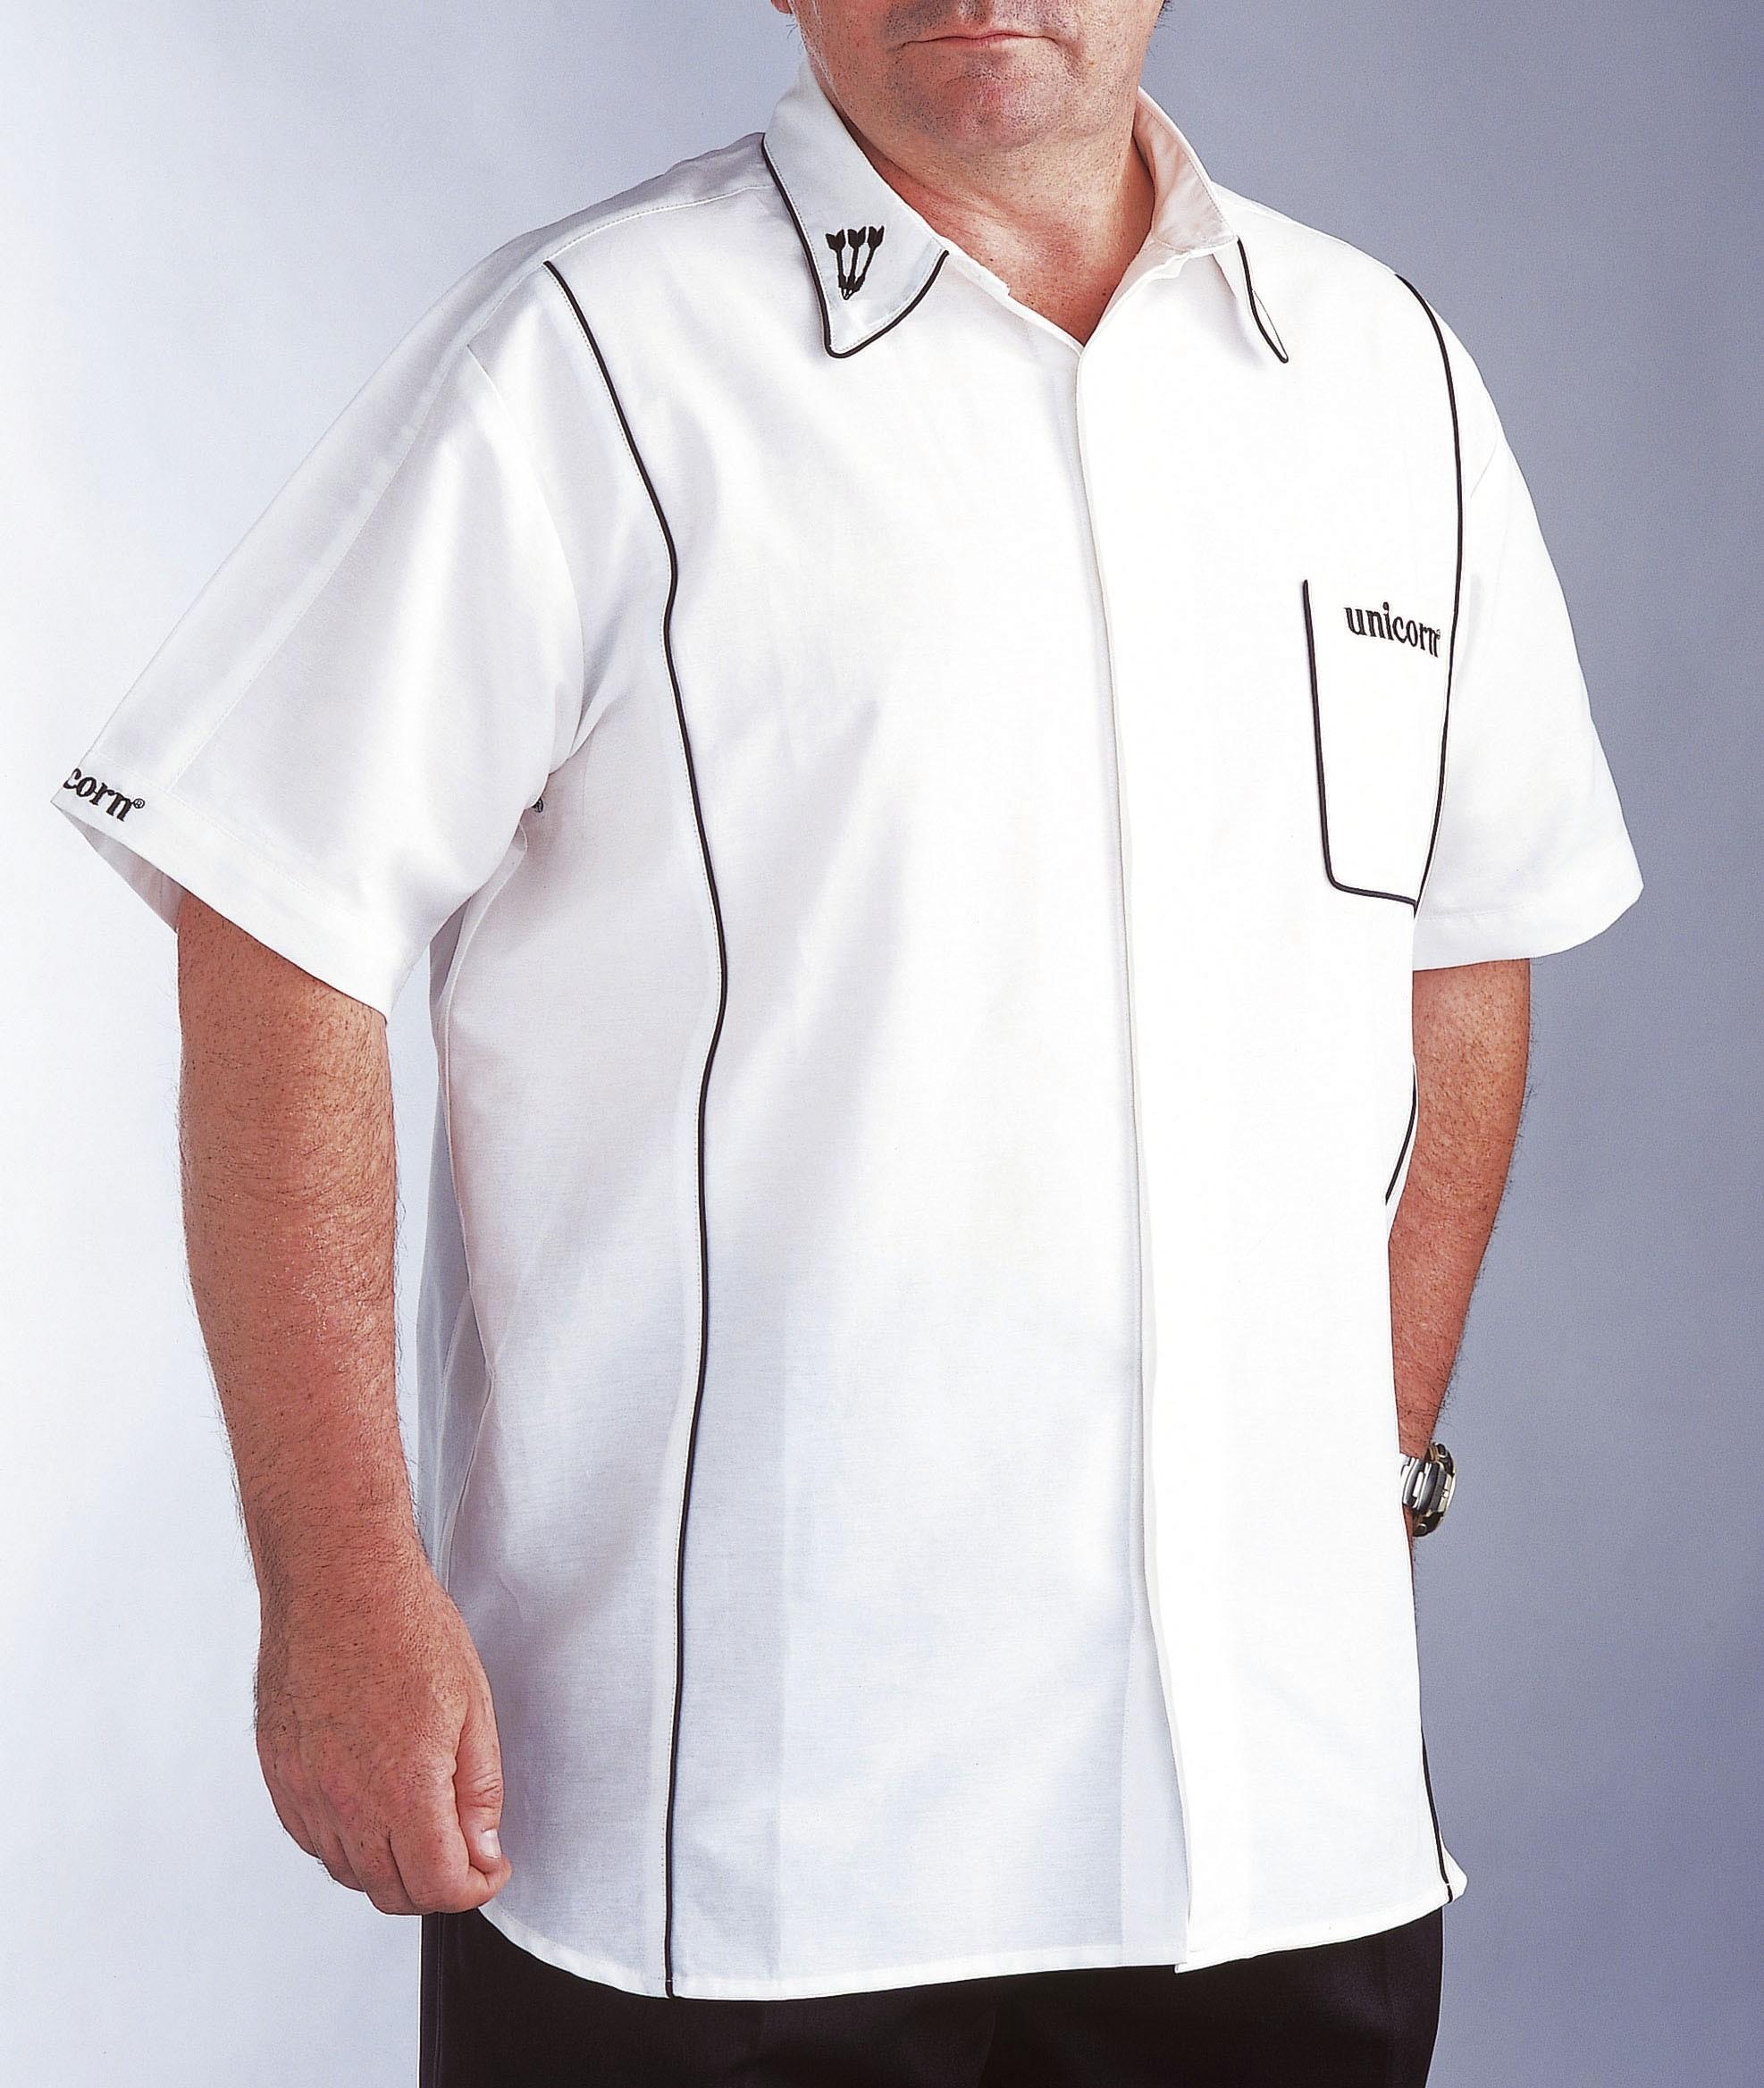 Teknik Mens Dart Shirt White/Black - SAVE £24!